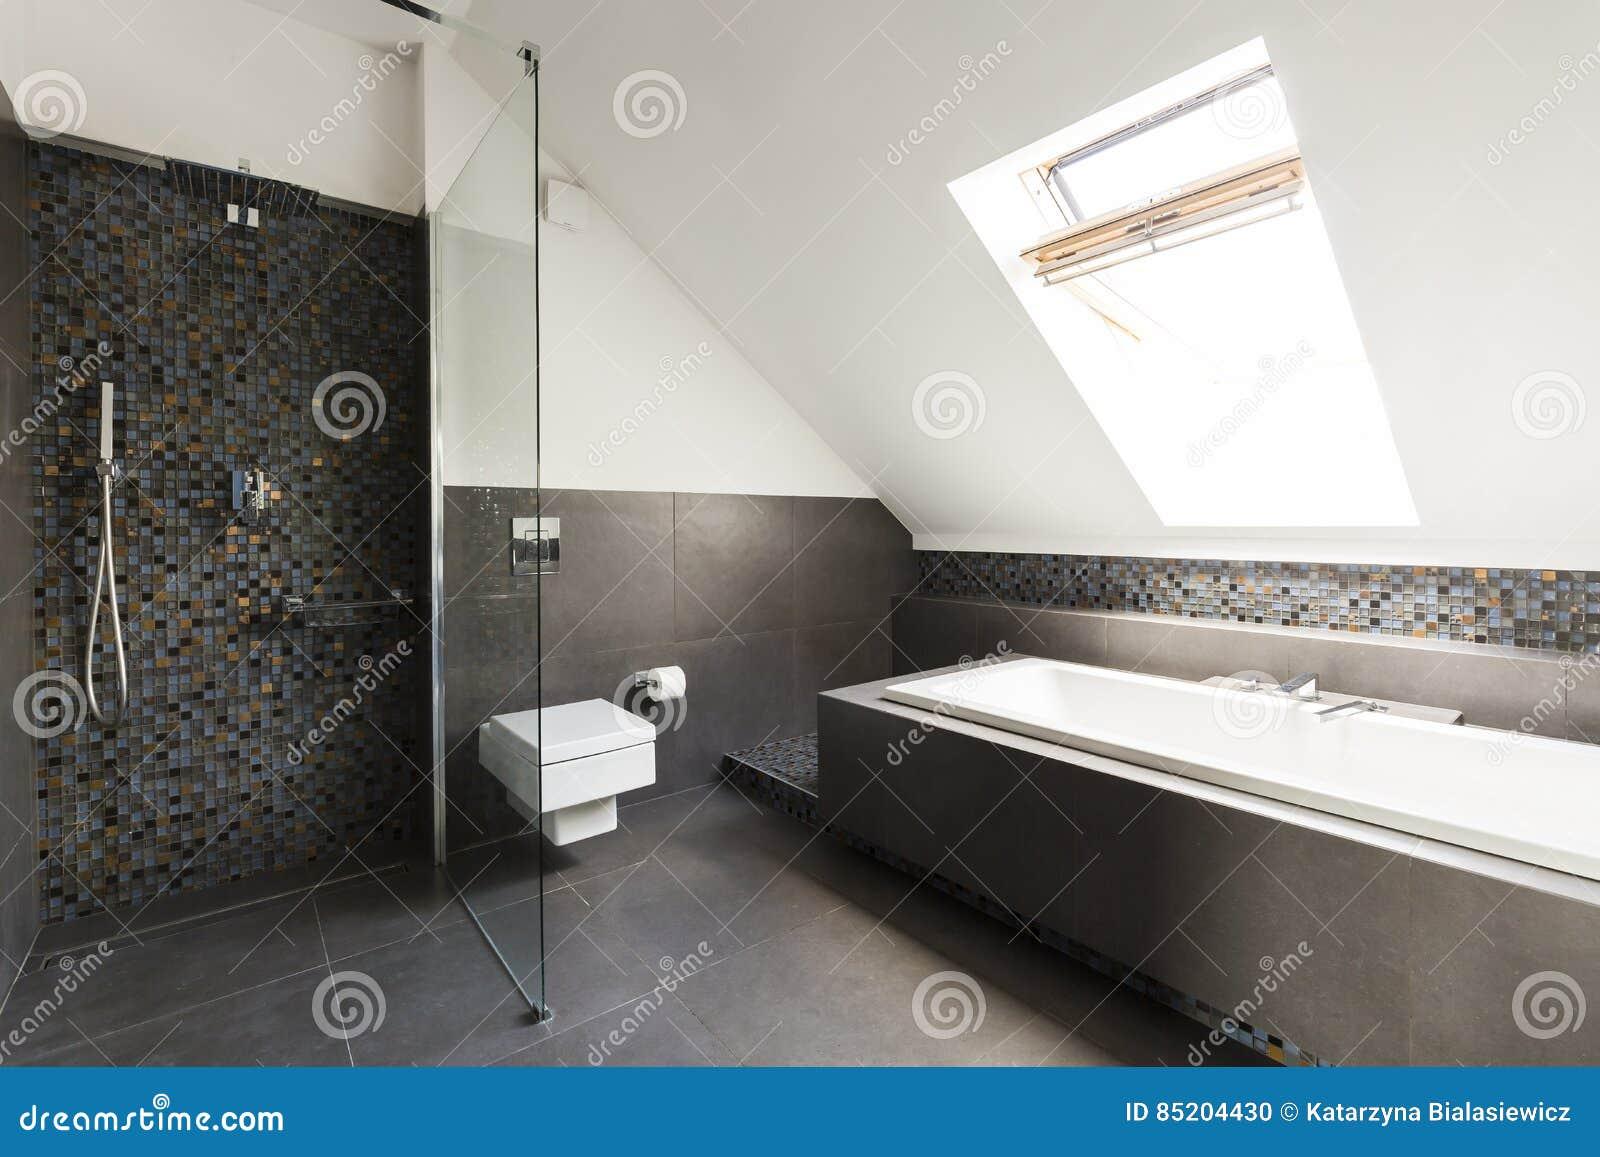 Badezimmer Im Dachboden Stockfoto Bild Von Leuchte Dekoration 85204430